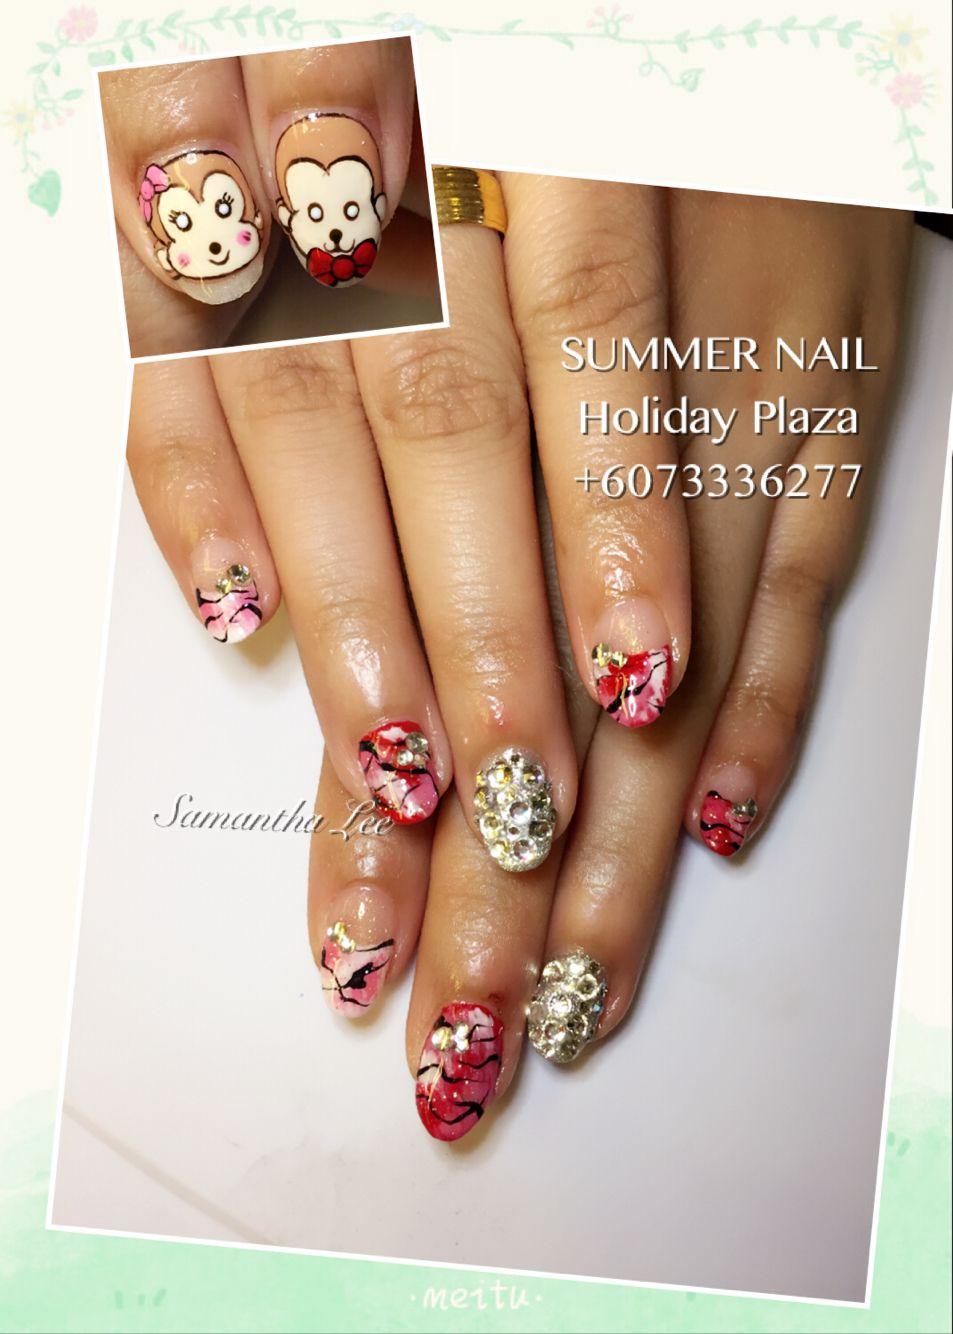 Summer Nail Holiday Plaza Mcdonald S Upstairs 3rd Floor 6073336277 Whatsapp 60163188359 Instagram Summerna Summer Nails Bridal Nails Holiday Nails